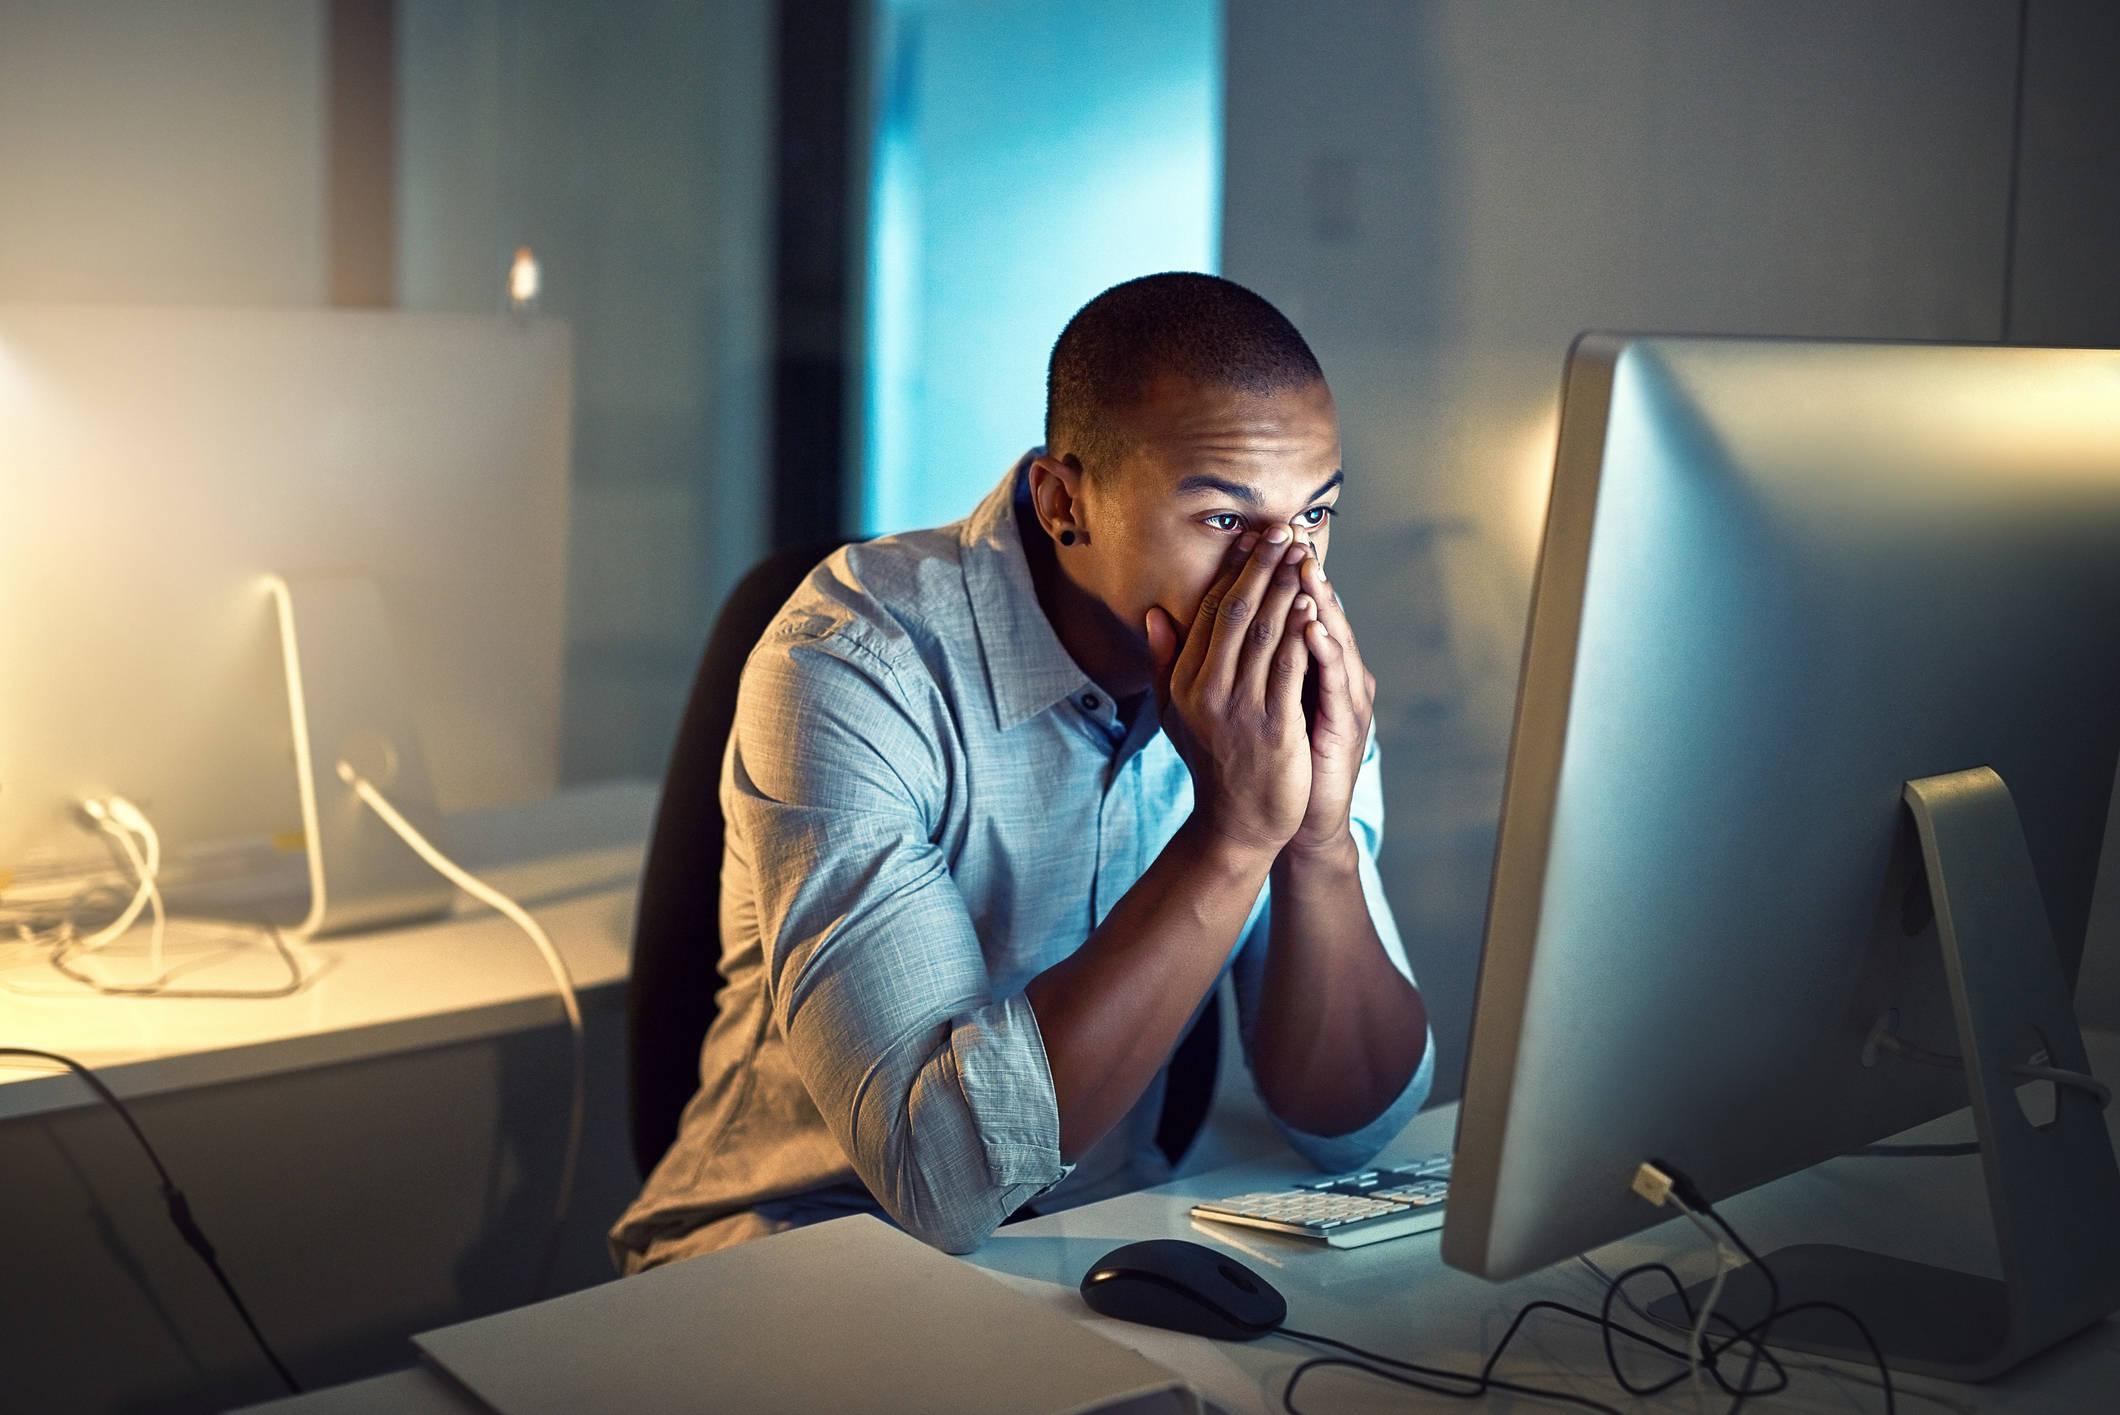 Resultado de imagen para estafas por internet empleo